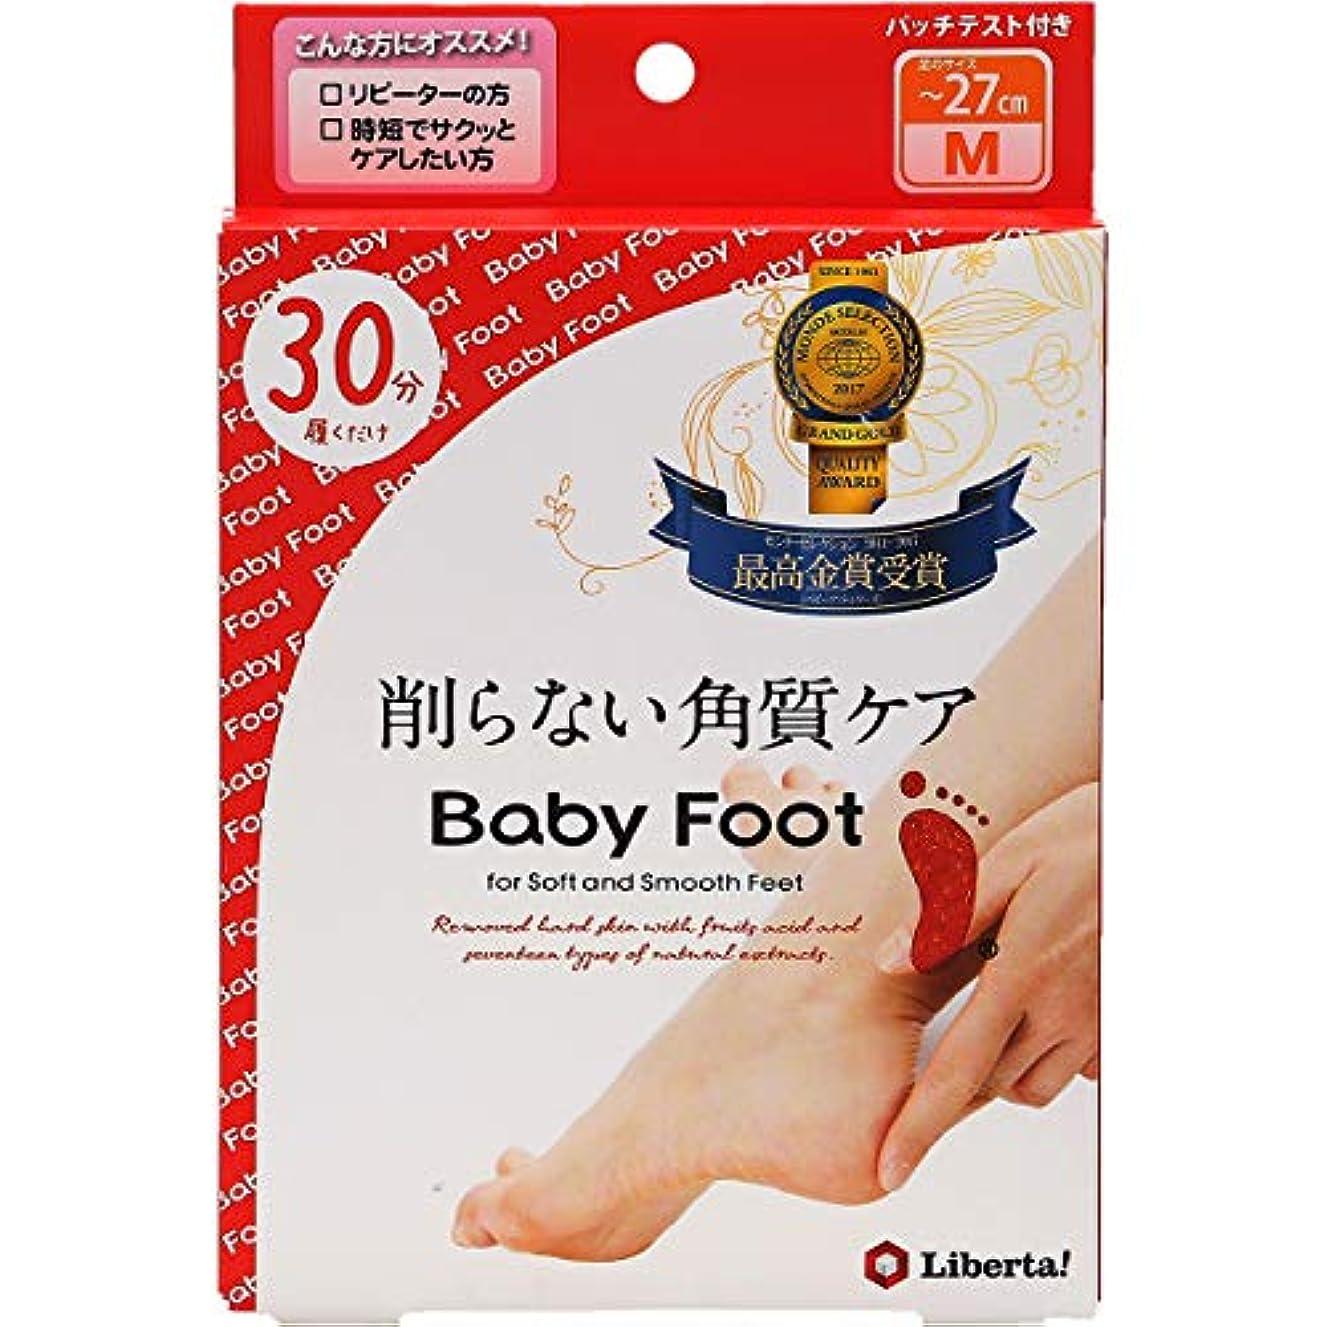 スリラーハーフマイクロベビーフット (Baby Foot) ベビーフット イージーパック30分タイプ Mサイズ 単品